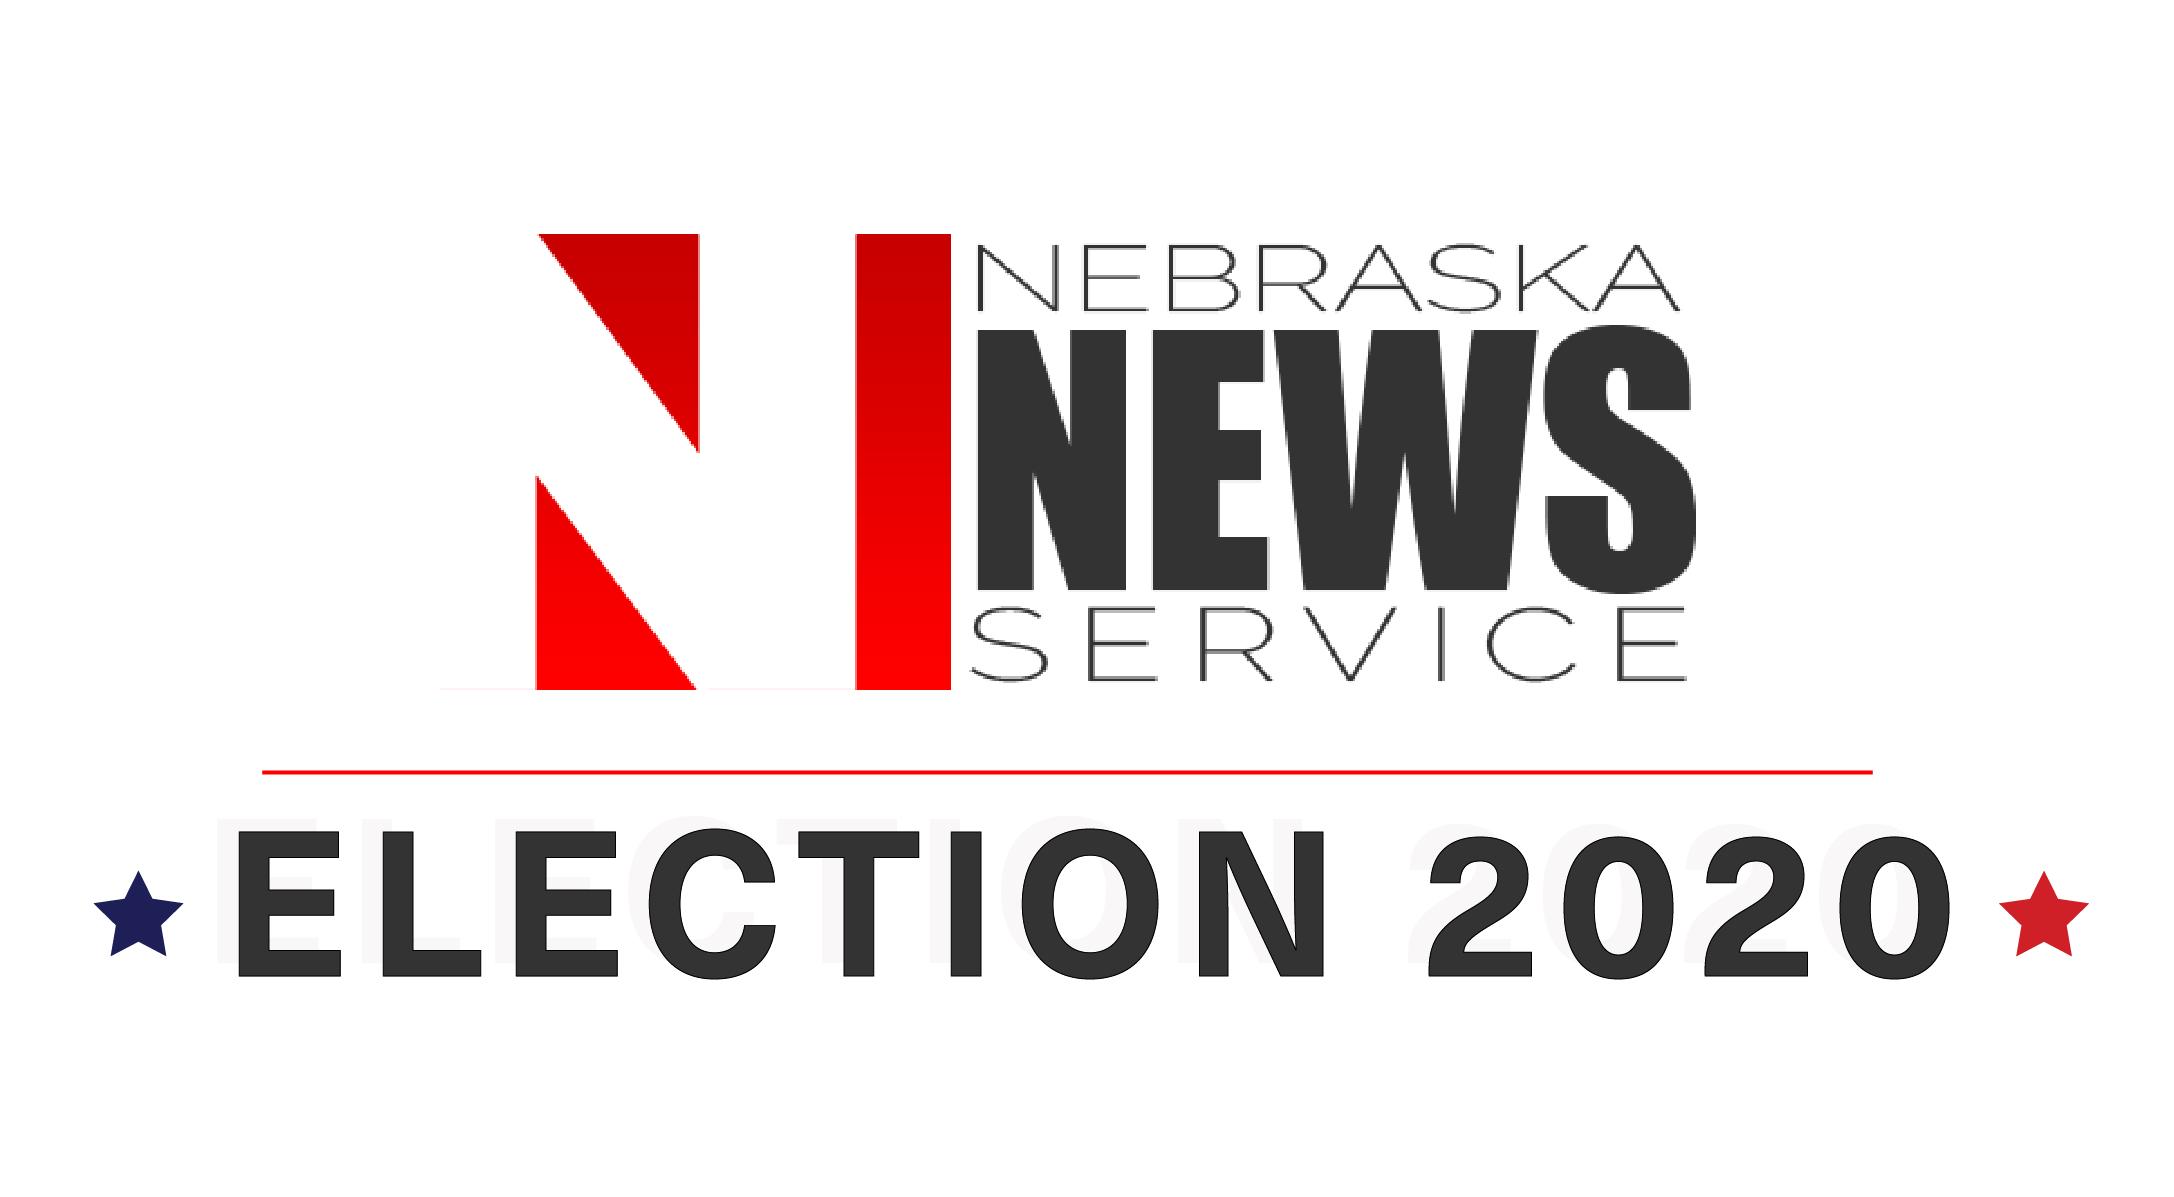 Nebraska News Service Election logo